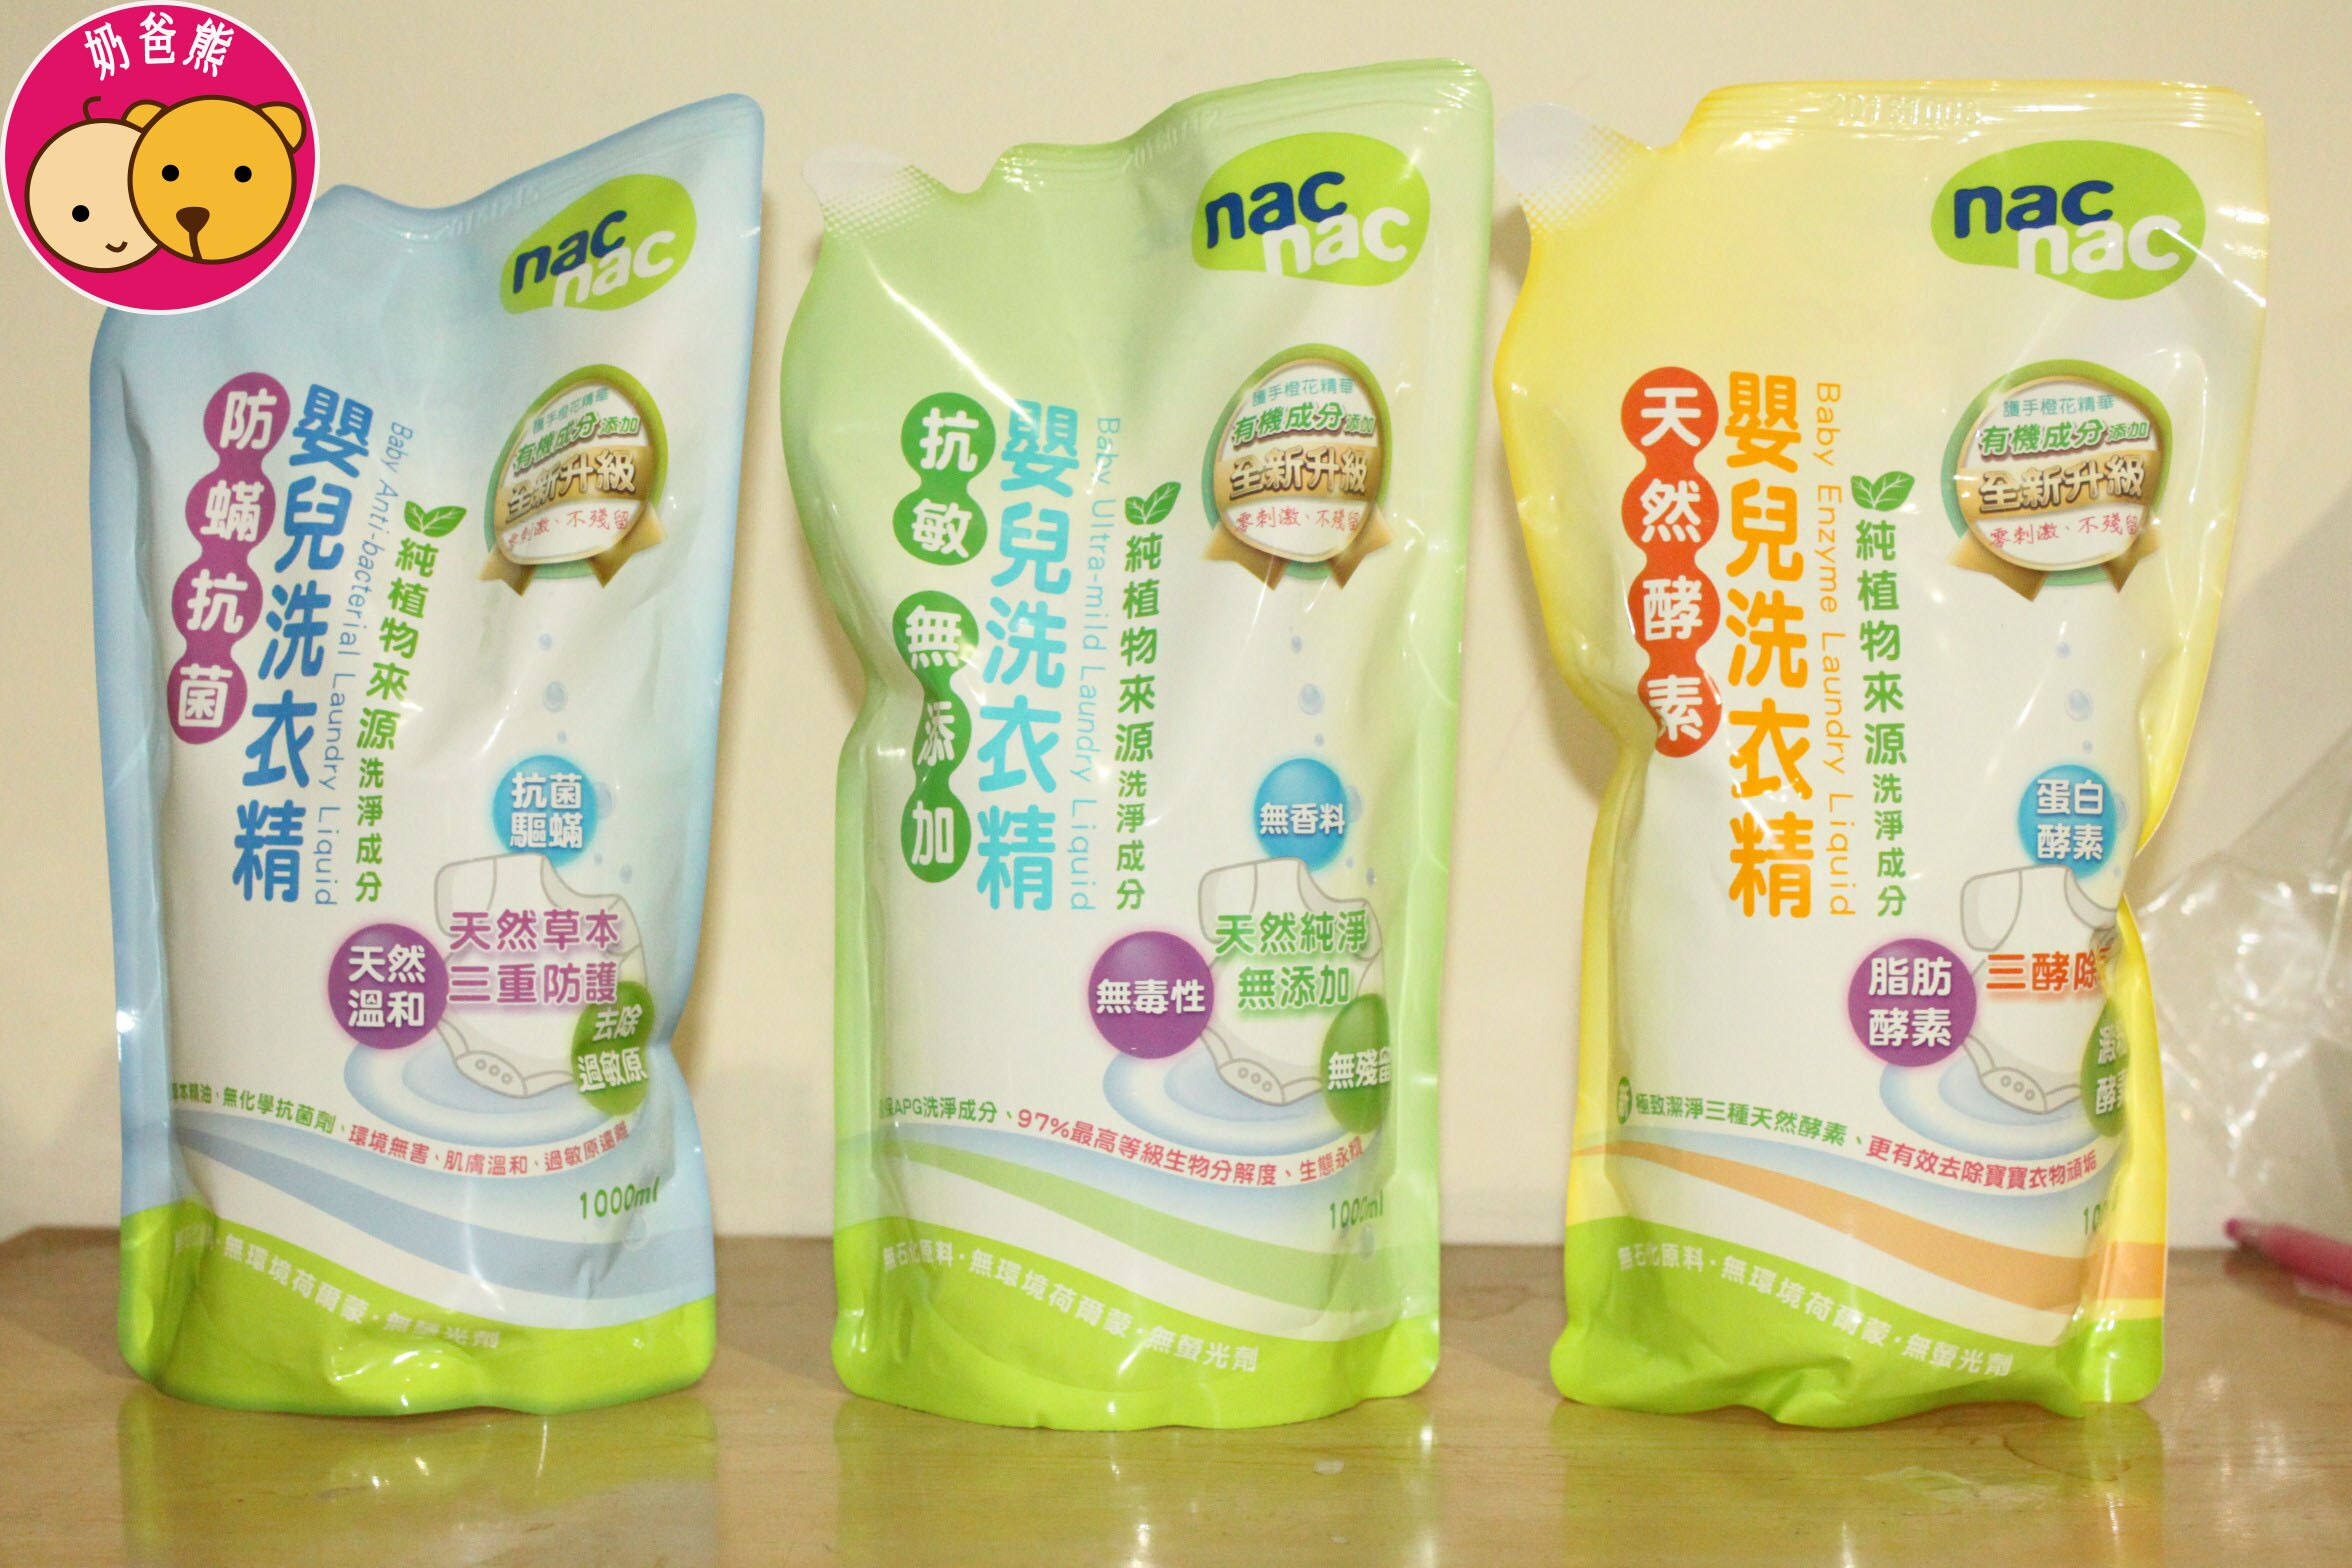 奶爸熊 nac nac 抗菌、抗敏、天然酵素洗衣精補充包1000ml